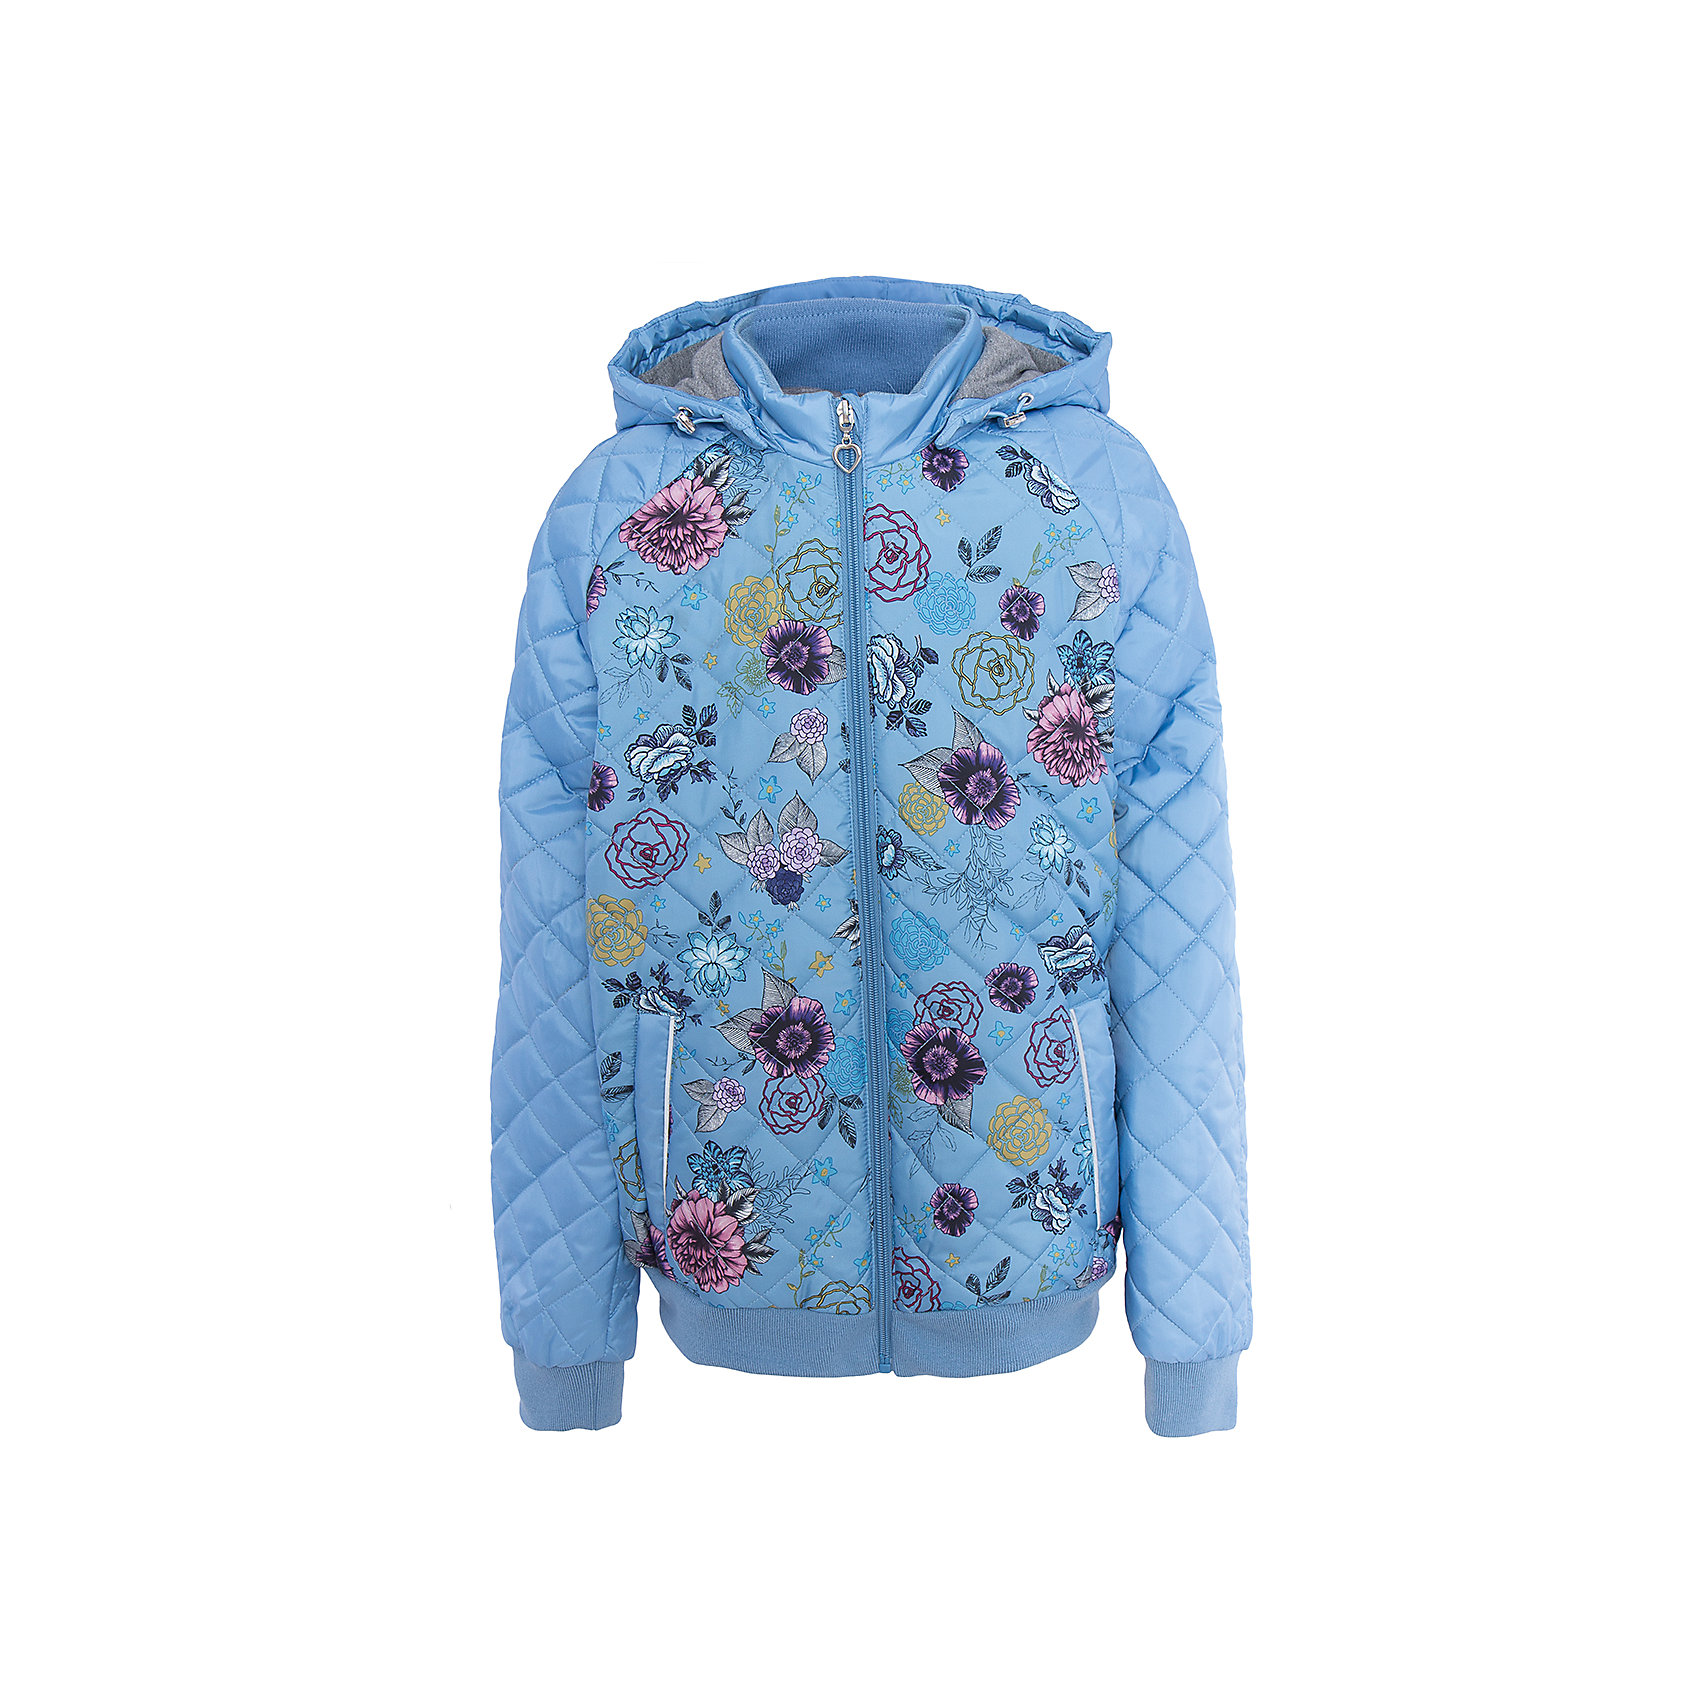 Куртка для девочки SELAВерхняя одежда<br>Характеристики товара:<br><br>• цвет: голубой<br>• состав: 100% полиэстер<br>• температурный режим: от +5°до +15°С<br>• подкладка: текстиль, хлопок<br>• утемлитель: полиэстер<br>• сезон: весна-лето<br>• покрой: полуприлегающий<br>• молния<br>• принт<br>• манжеты<br>• капюшон отстегивается<br>• карманы<br>• коллекция весна-лето 2017<br>• страна бренда: Российская Федерация<br>• страна изготовитель: Китай<br><br>Вещи из новой коллекции SELA продолжают радовать удобством! Легкая куртка для девочки поможет разнообразить гардероб ребенка и обеспечить комфорт. Она отлично сочетается с юбками и брюками. Очень стильно смотрится!<br><br>Одежда, обувь и аксессуары от российского бренда SELA не зря пользуются большой популярностью у детей и взрослых! Модели этой марки - стильные и удобные, цена при этом неизменно остается доступной. Для их производства используются только безопасные, качественные материалы и фурнитура. Новая коллекция поддерживает хорошие традиции бренда! <br><br>Куртку для девочки от популярного бренда SELA (СЕЛА) можно купить в нашем интернет-магазине.<br><br>Ширина мм: 356<br>Глубина мм: 10<br>Высота мм: 245<br>Вес г: 519<br>Цвет: голубой<br>Возраст от месяцев: 84<br>Возраст до месяцев: 96<br>Пол: Женский<br>Возраст: Детский<br>Размер: 128,140,152,116<br>SKU: 5305108